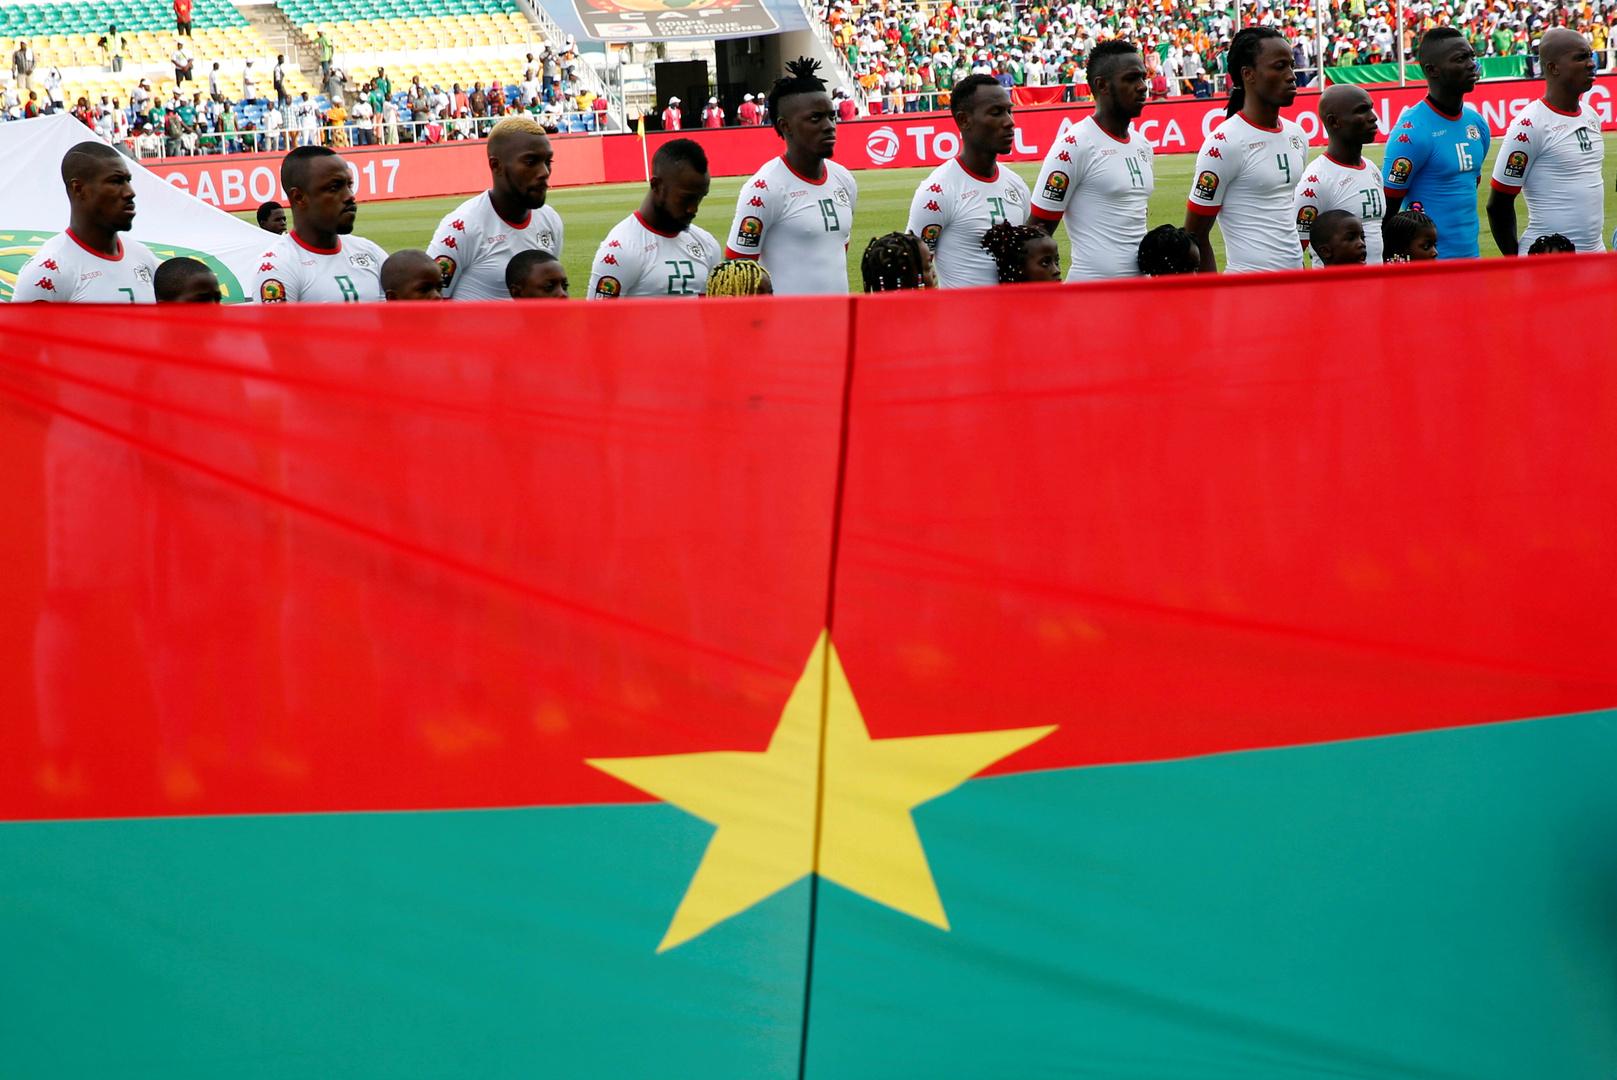 مقتل ثمانية متطوعين لمؤازرة حملة مكافحة الجهاديين بكمين شمالي بوركينا فاسو